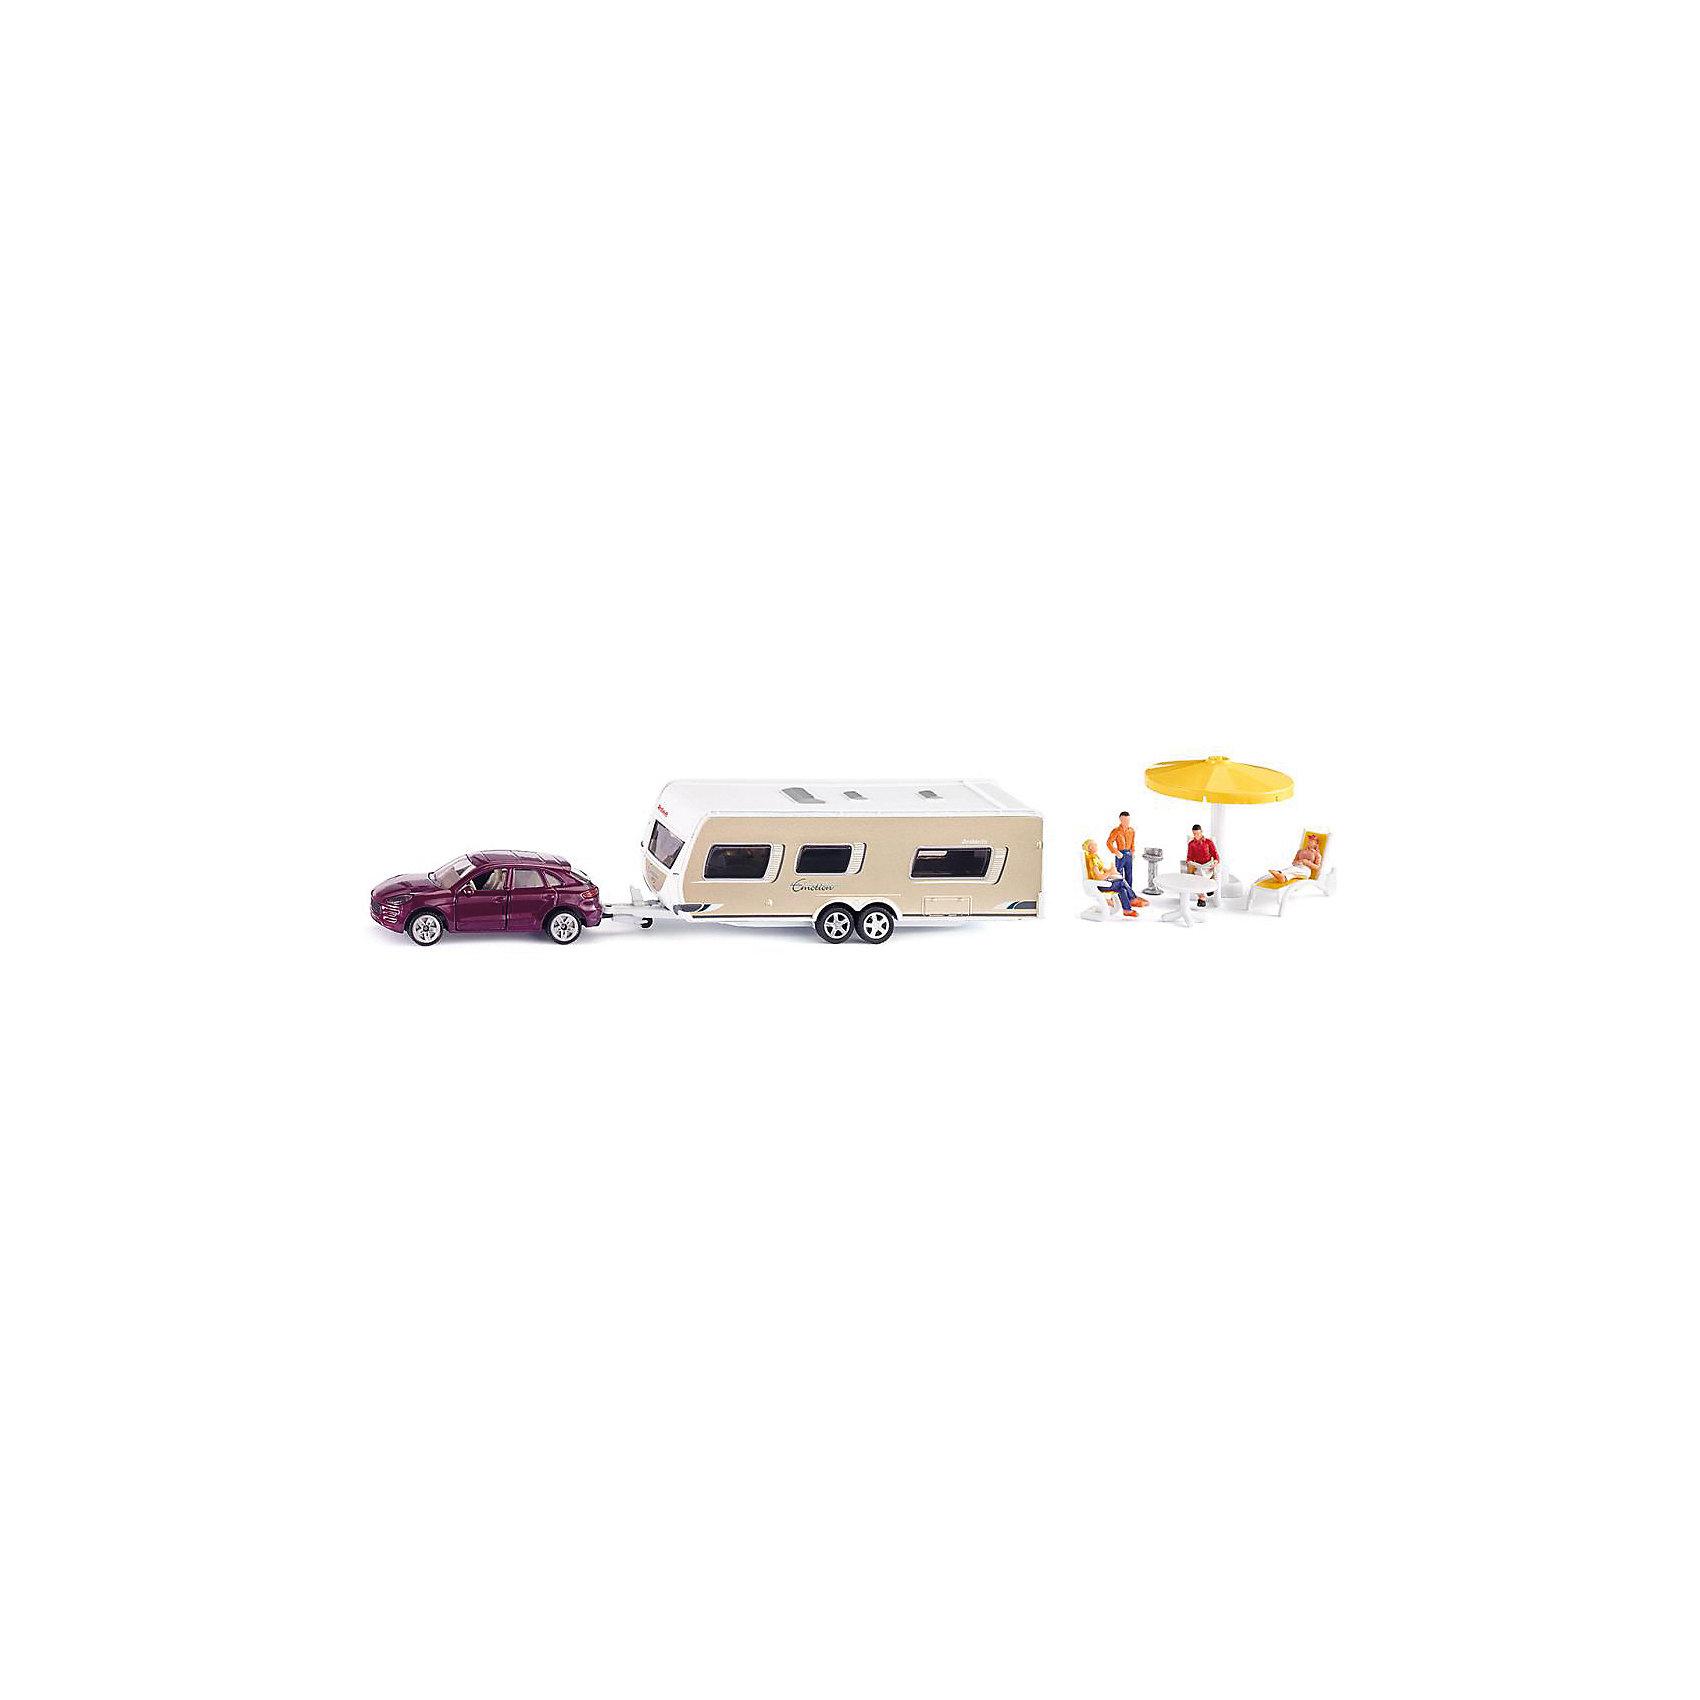 SIKU 2542 Джип с прицепом дом на колесах 1:55Игровые наборы<br>Набор SIKU (СИКУ) 2542 Джип с прицепом дом на колесах 1:55-это классическая «иллюстрация дома на колесах» для семейных путешествий.<br><br>Характеристики:<br>-Корпусы и колесные оси автомоделей выполнены из металла<br>-Стекла, внутреннее убранство салонов, колеса и днища-из пластмассы<br>-У модели автомобиля Porsche Cayenne Turbo открываются боковые двери<br>-Дом на колесах и внедорожник соединяются между собой с помощью шарнирной пластиковой сцепки<br> -У прицепа снимается крыша. Внутри него есть стол, «плита» и кровать для фигурок людей<br> -Автомобиль и прицеп установлены на подвижные колеса из рифленой прорезиненной пластмассы, за счет чего модели обладают отличным сцеплением<br><br>Комплектация:<br>-модель внедорожника Porsche Cayenne Turbo<br>-прицеп (или «дом на колесах»)<br>-аксессуары для пикника (два стула, стол, шезлонг, тент, решетка для барбекю)<br>-четыре фигурки людей<br><br>Дополнительная информация:<br>-Размеры внедорожника 9х3,5х3 см<br>-Размеры дома на колесах SIKU (СИКУ) 15х4,5х5 см<br>-Высота фигурок 1,5-3,5 см<br>-Материал: металл, пластмасса.<br><br>Автомодели имеют высокий уровень детализации для своего небольшого масштаба, поэтому эта игрушка понравится ребенку и будет хорошо смотреться и в шкафу коллекционера.<br><br>SIKU (СИКУ) 2542 Джип с прицепом дом на колесах 1:55 можно купить в нашем магазине.<br><br>Ширина мм: 260<br>Глубина мм: 119<br>Высота мм: 63<br>Вес г: 352<br>Возраст от месяцев: 36<br>Возраст до месяцев: 96<br>Пол: Мужской<br>Возраст: Детский<br>SKU: 1520042